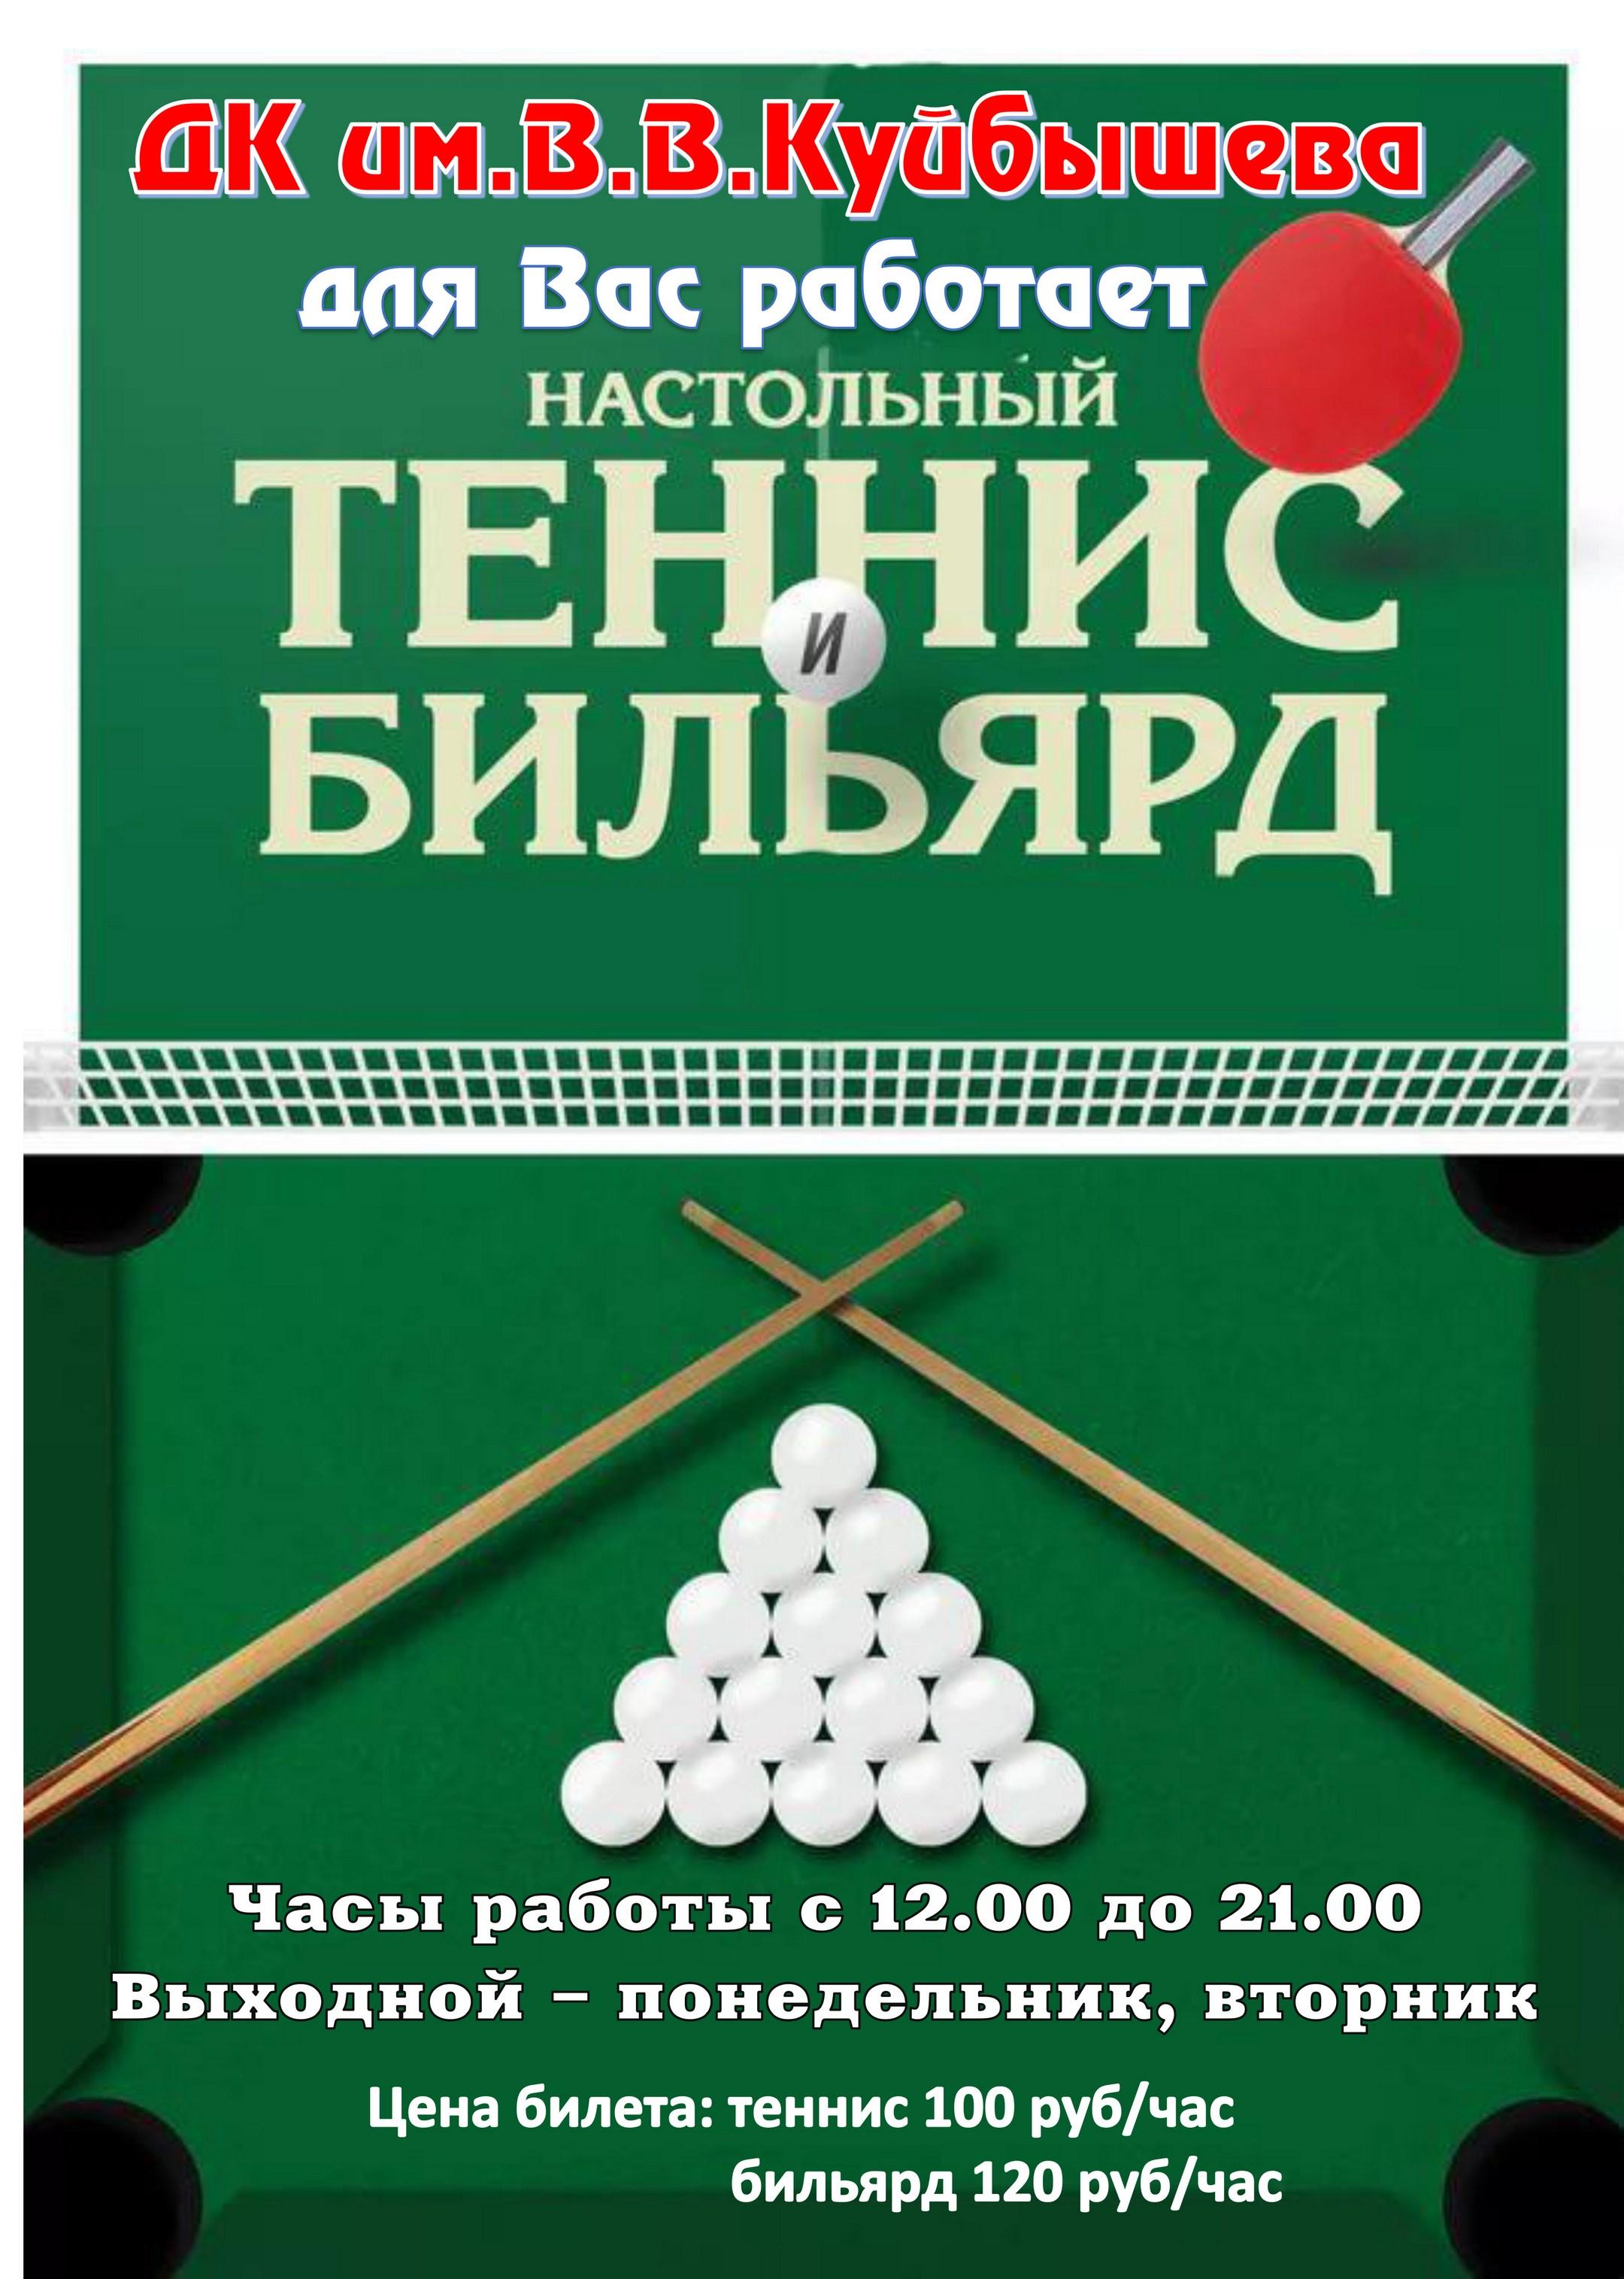 Работает теннис и бильярд @ ДК им.В.В.Куйбышева, фойе